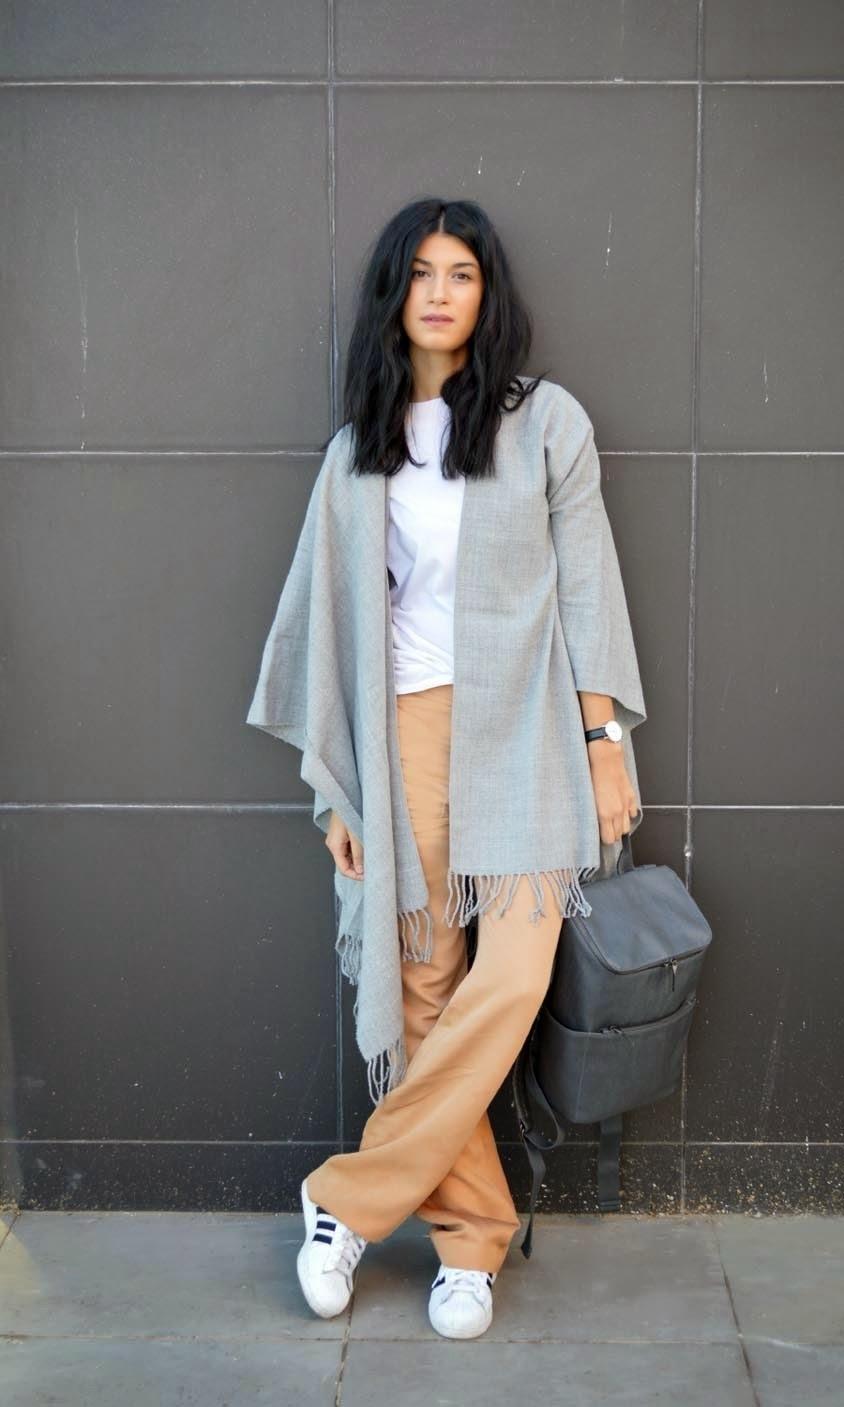 How to Wear Tan Wide Leg Pants (22 looks) | Women's Fashion